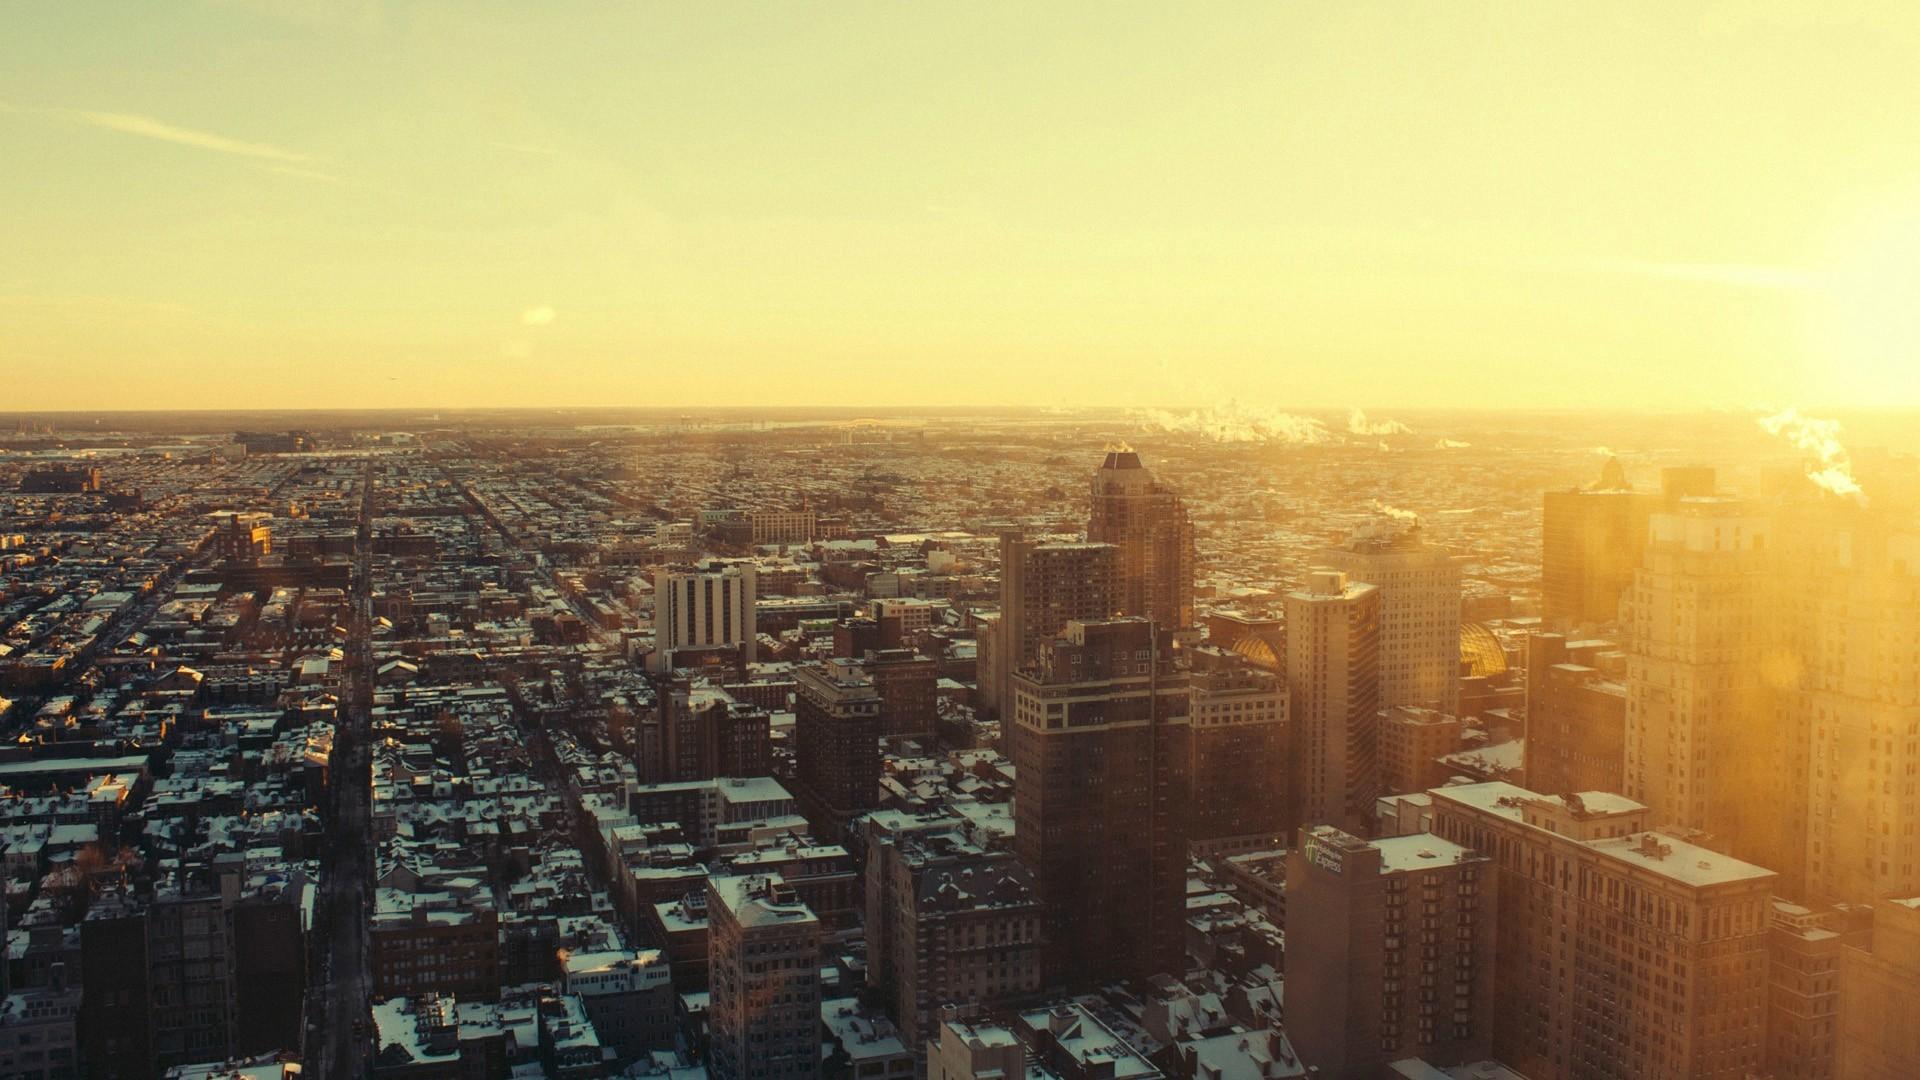 возникновения город рассвет фото обои на телефон умолчанию главная